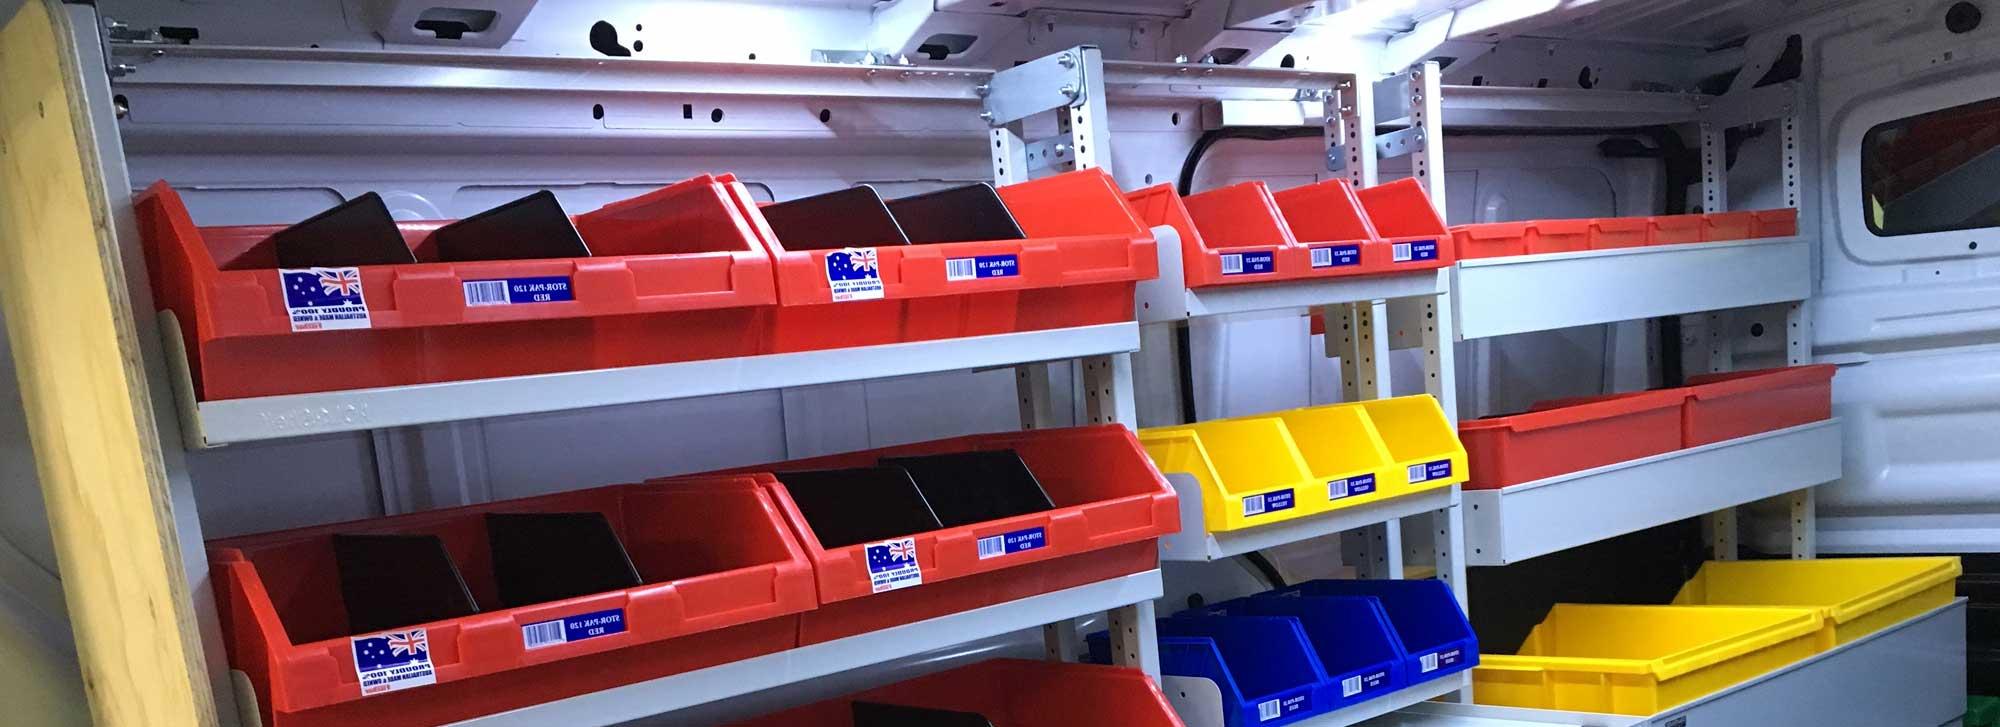 Van Shelving Suppliers